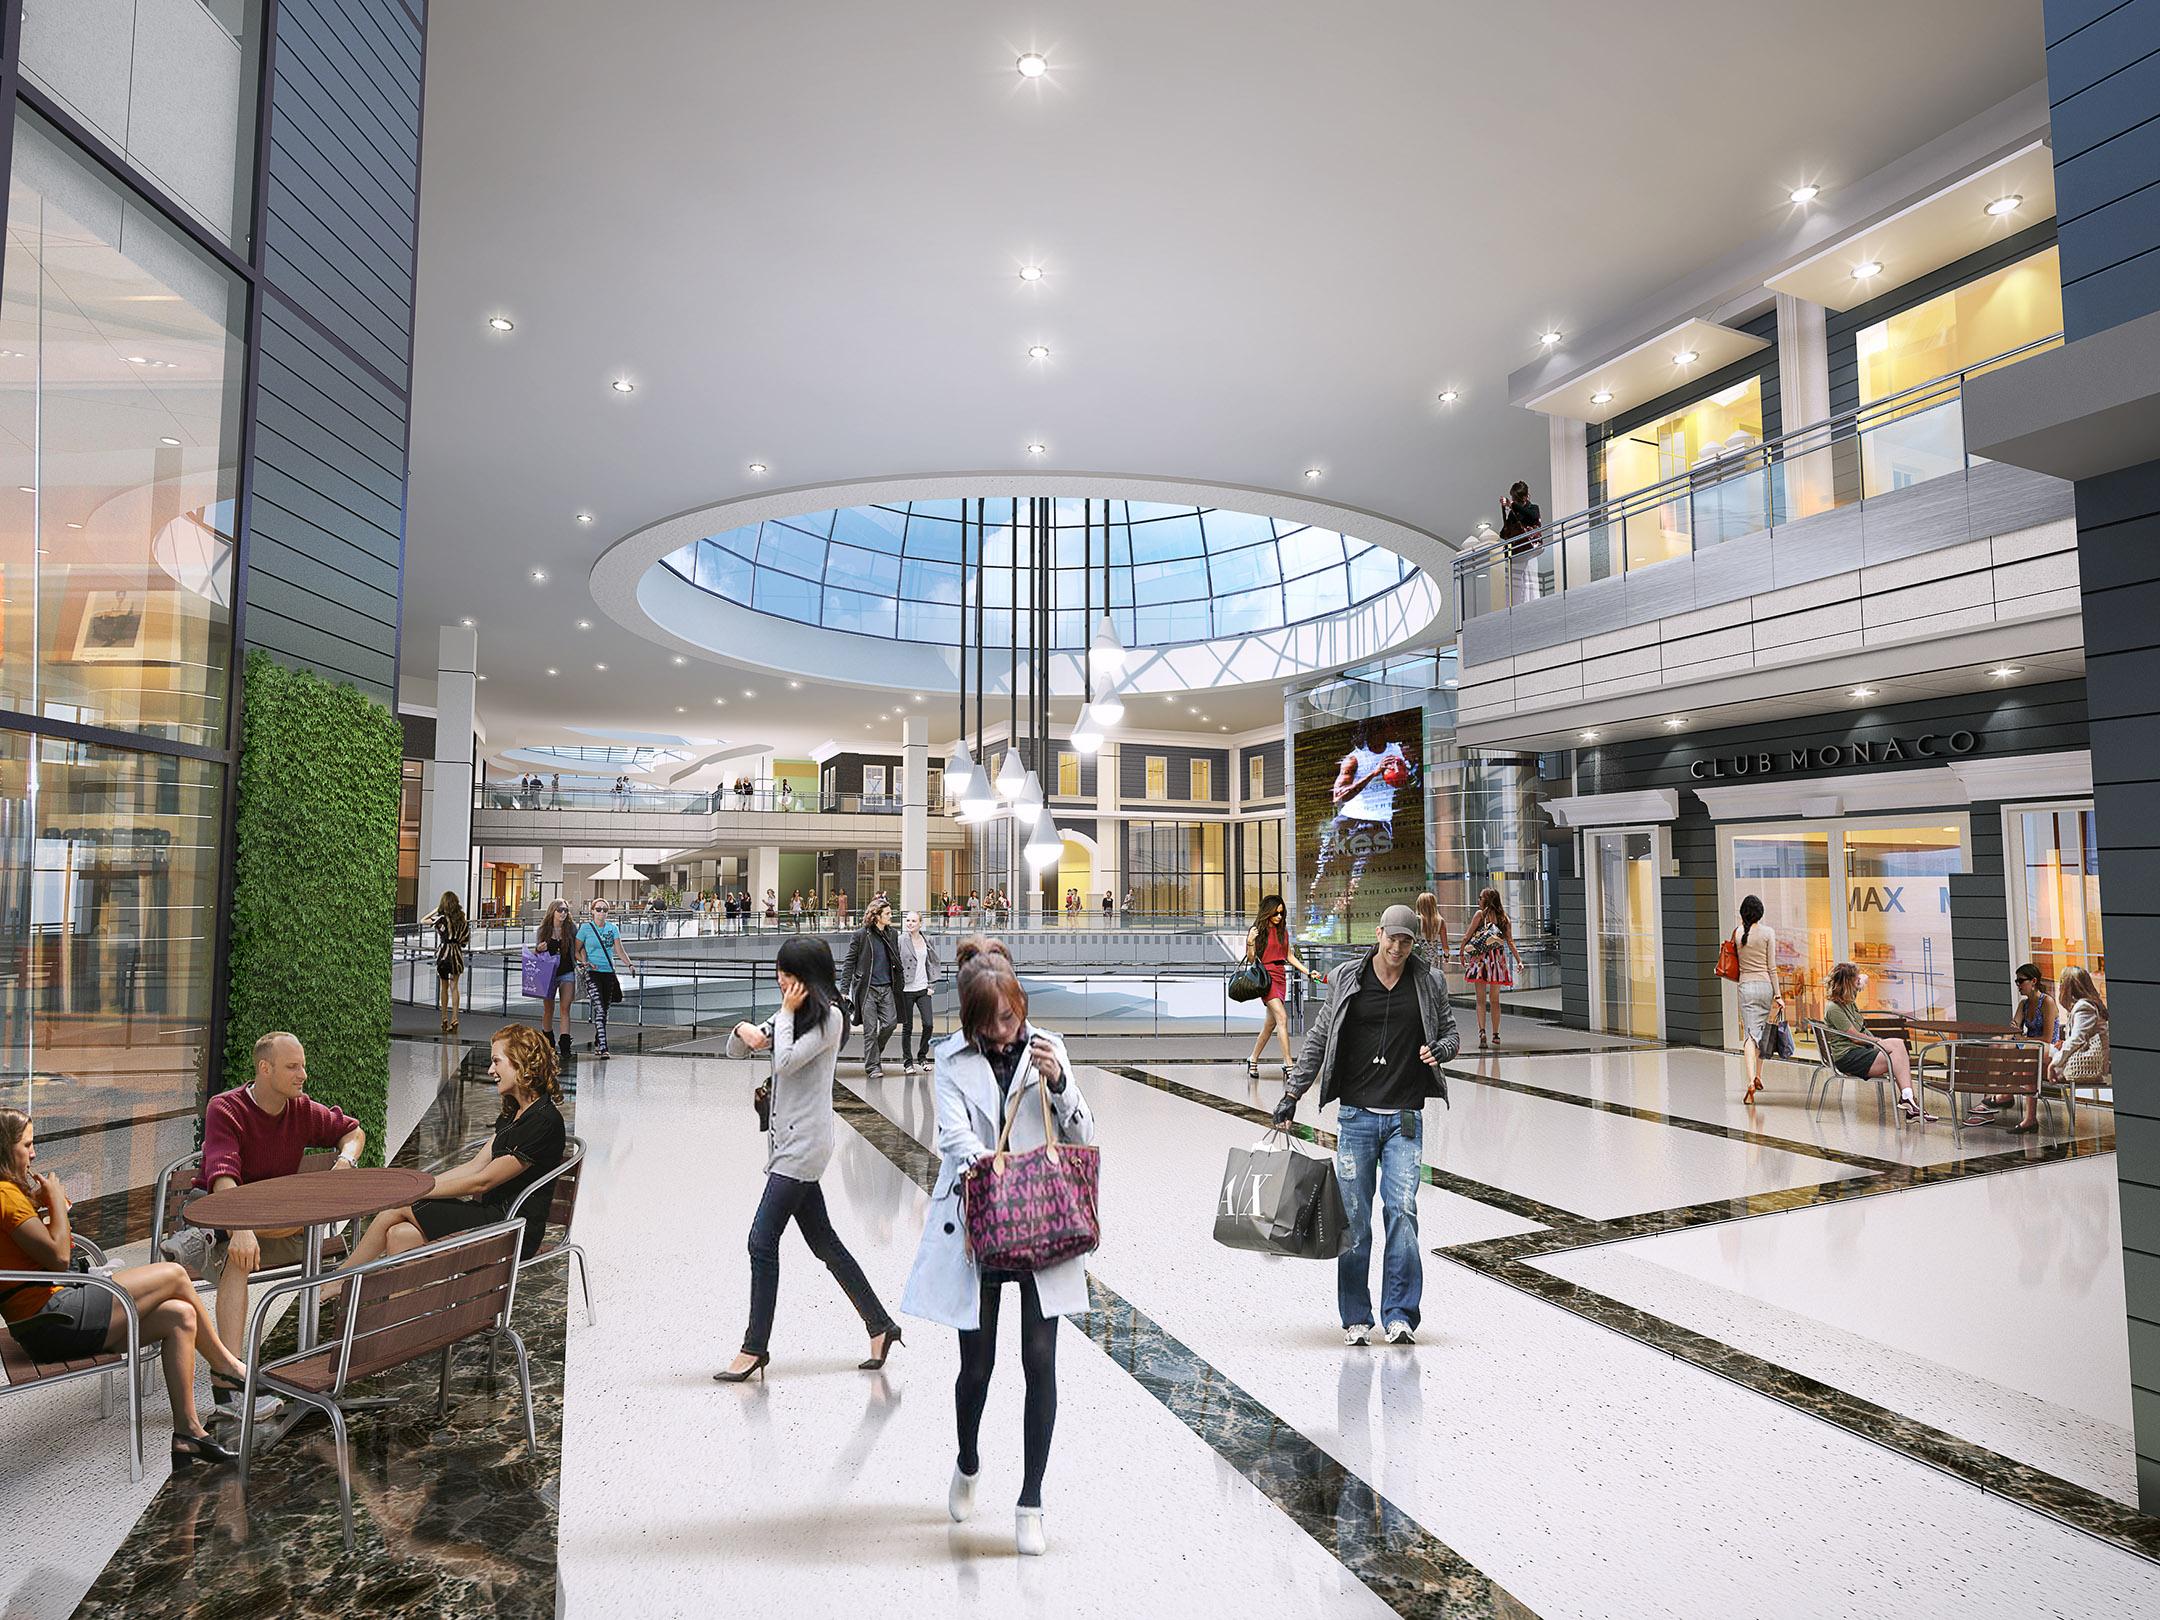 Warner Garden Retail Mall